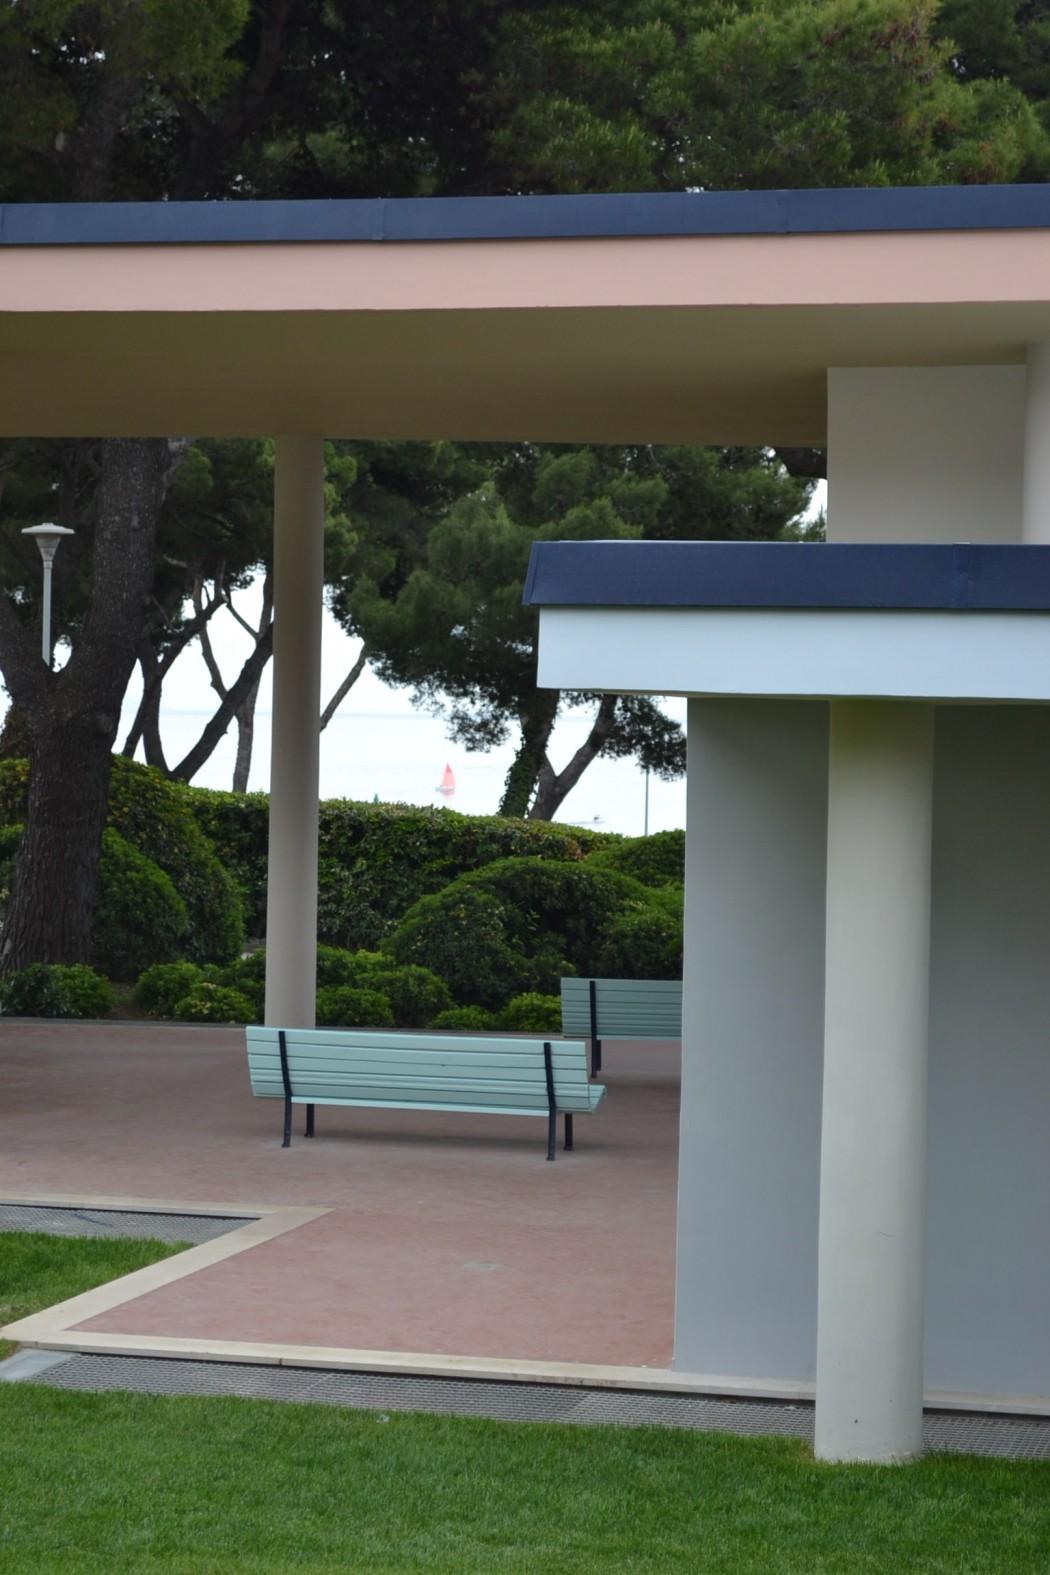 Architettura 3 - PIANO DEL COLORE NELLA EX FABBRICA OLIVETTI A POZZUOLI - 5-min